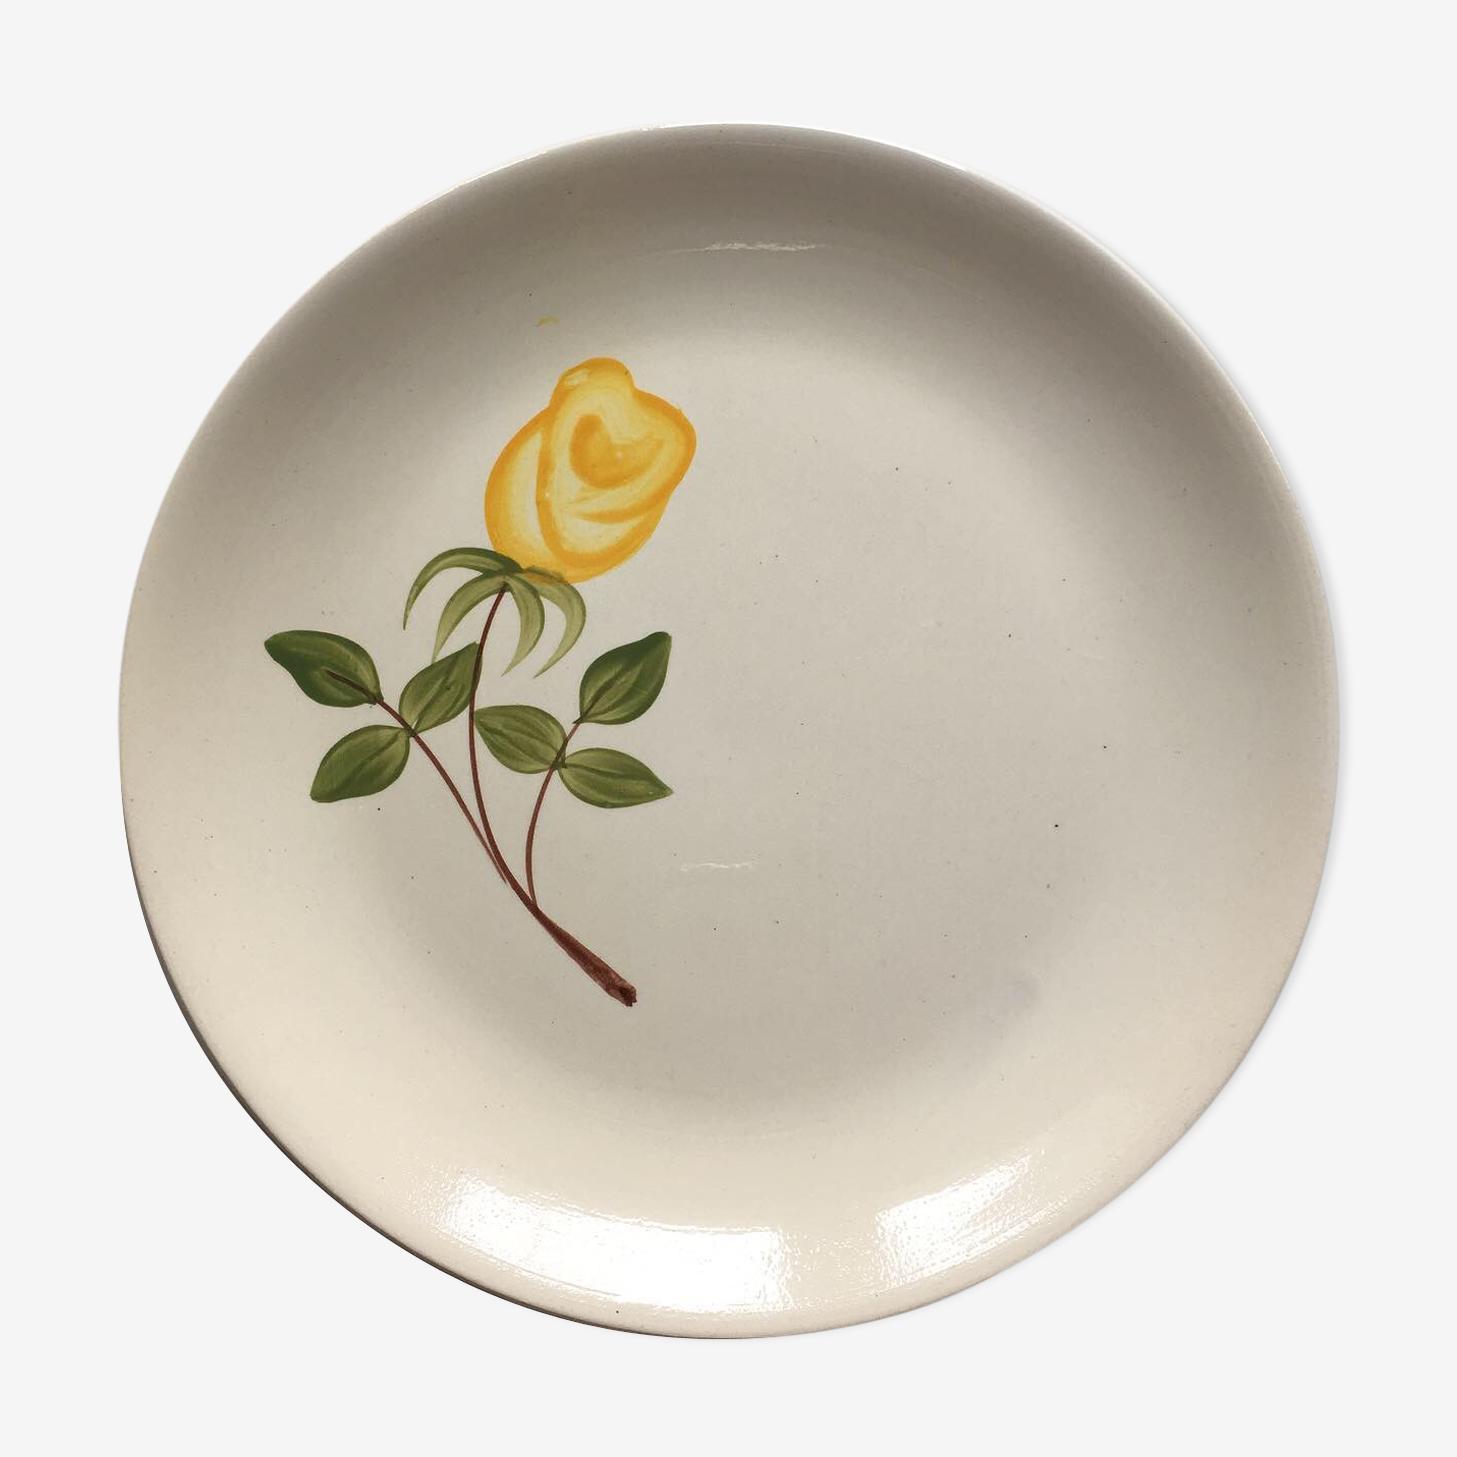 Assiette en faience de Digoin décorée d'une rose jaune